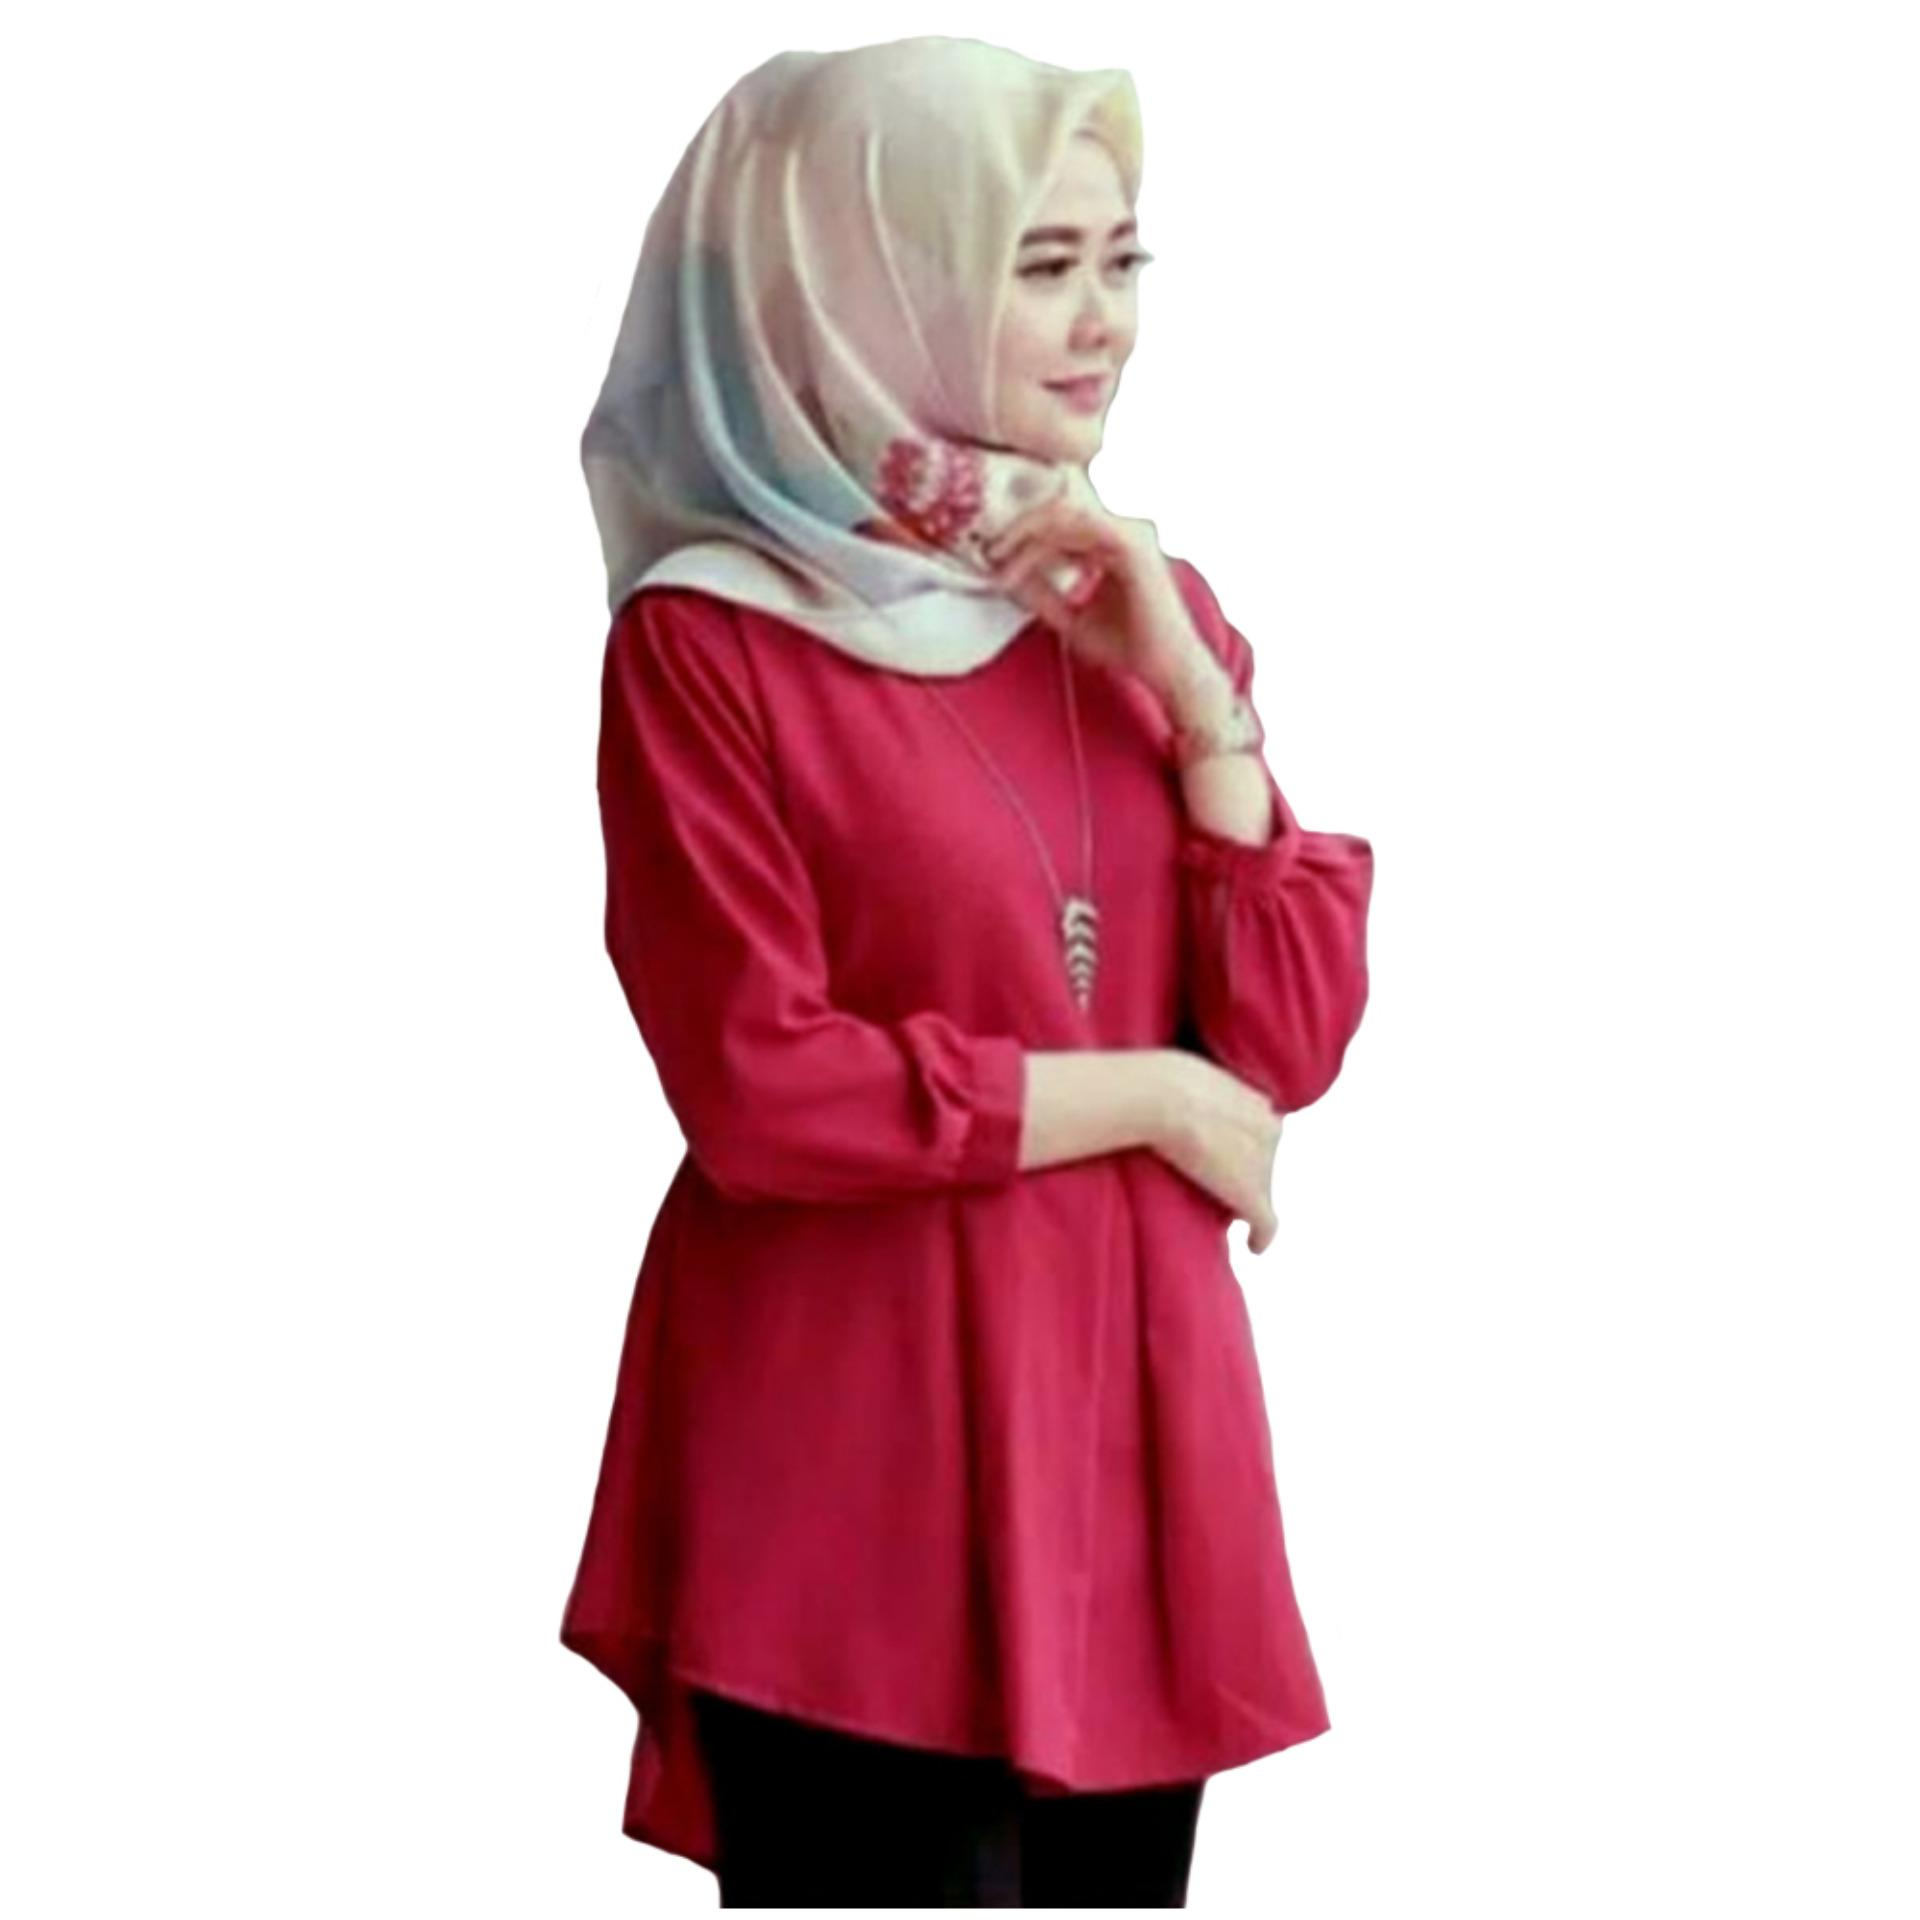 HARGA MURAH Tunik Atasan Wanita - Blouse Muslim Dhilla Top - Pink ... bafee36515